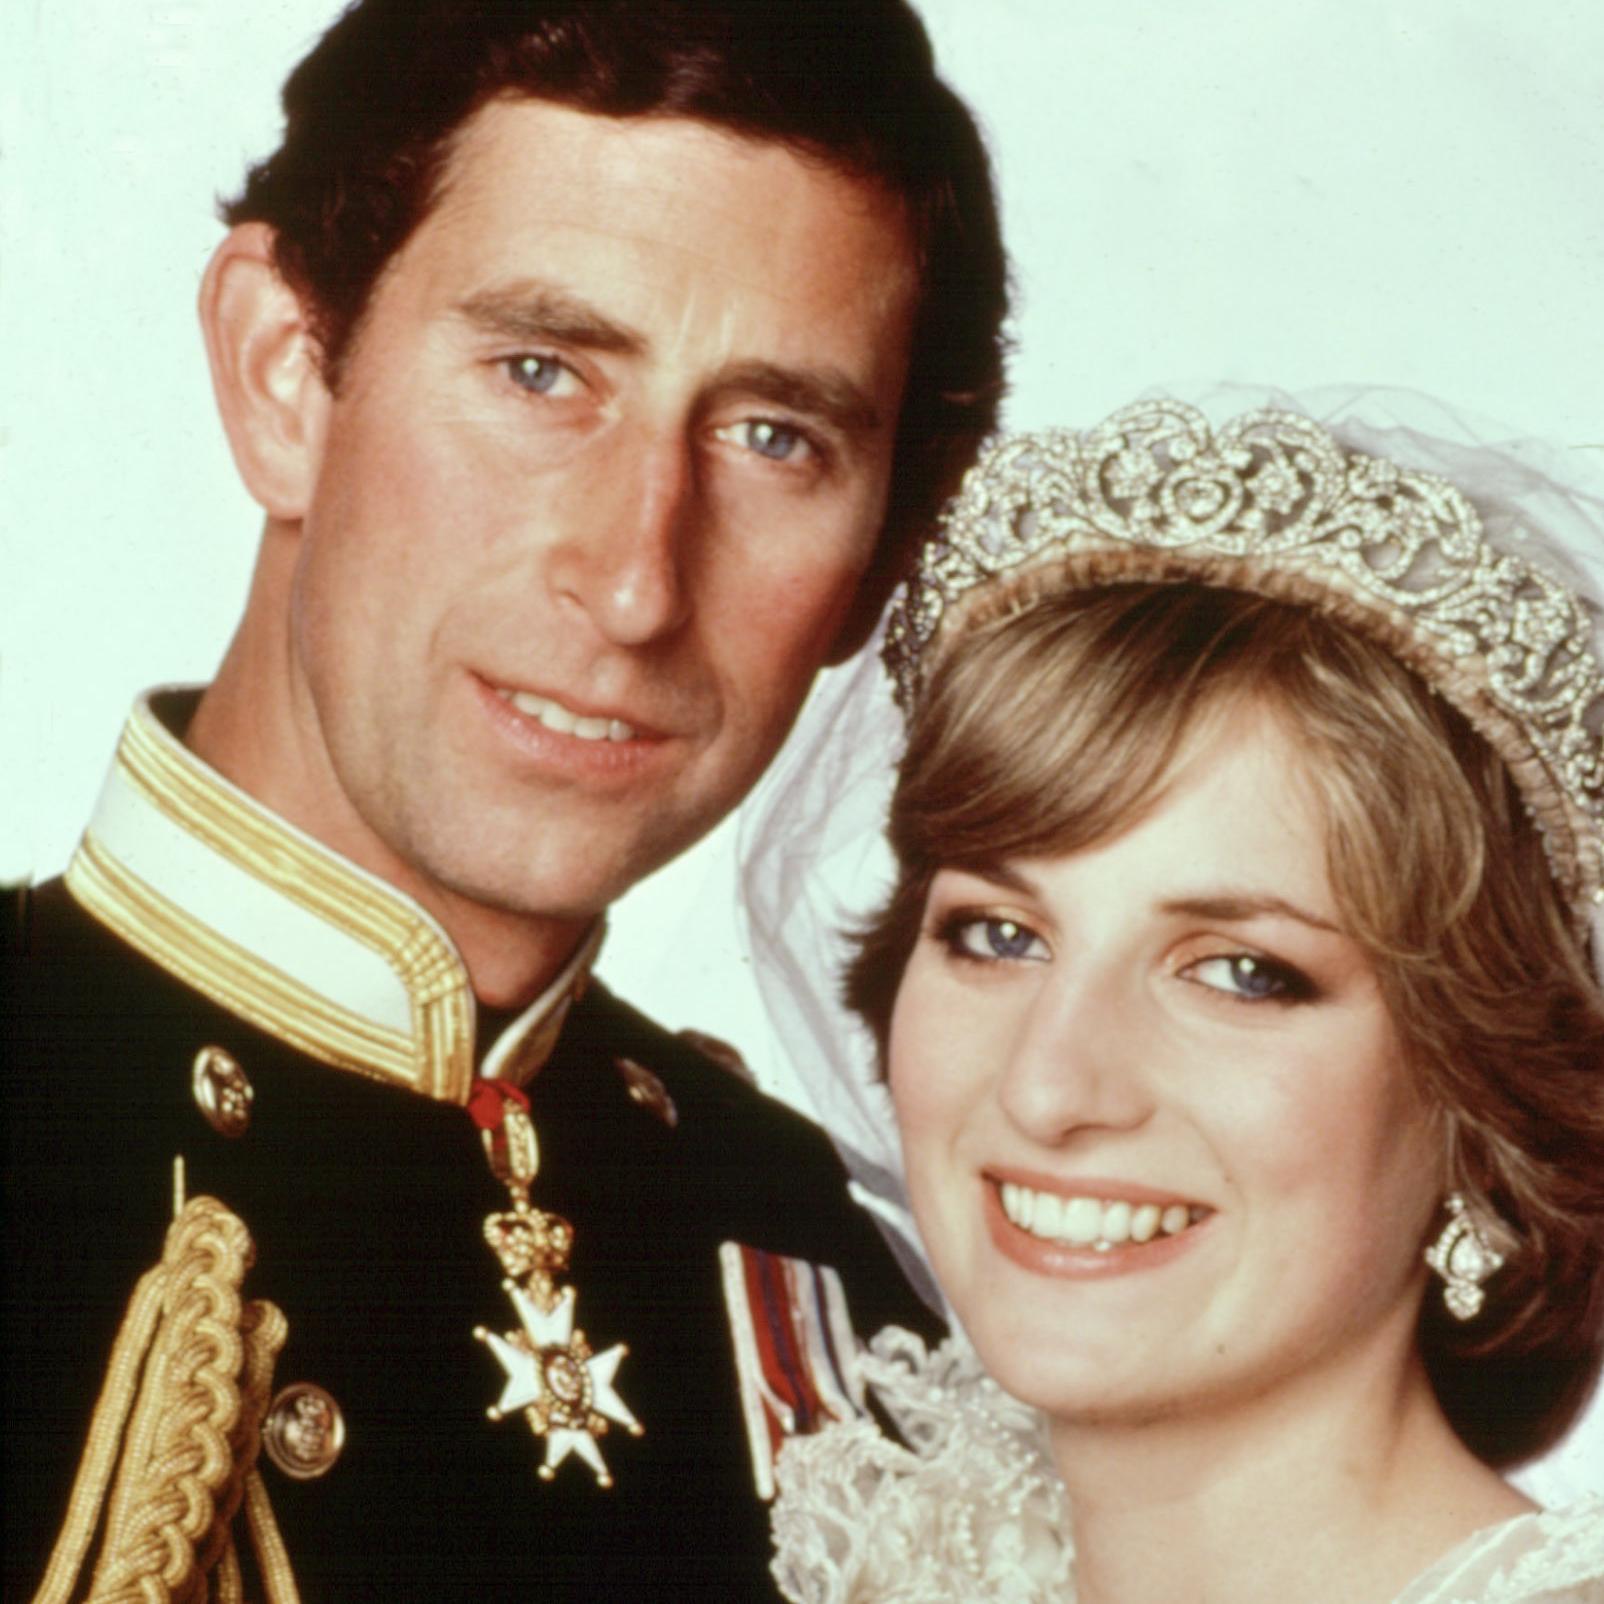 Avez Vous Remarque Le Complexe De Taille Du Prince Charles Envers Lady Di Elle